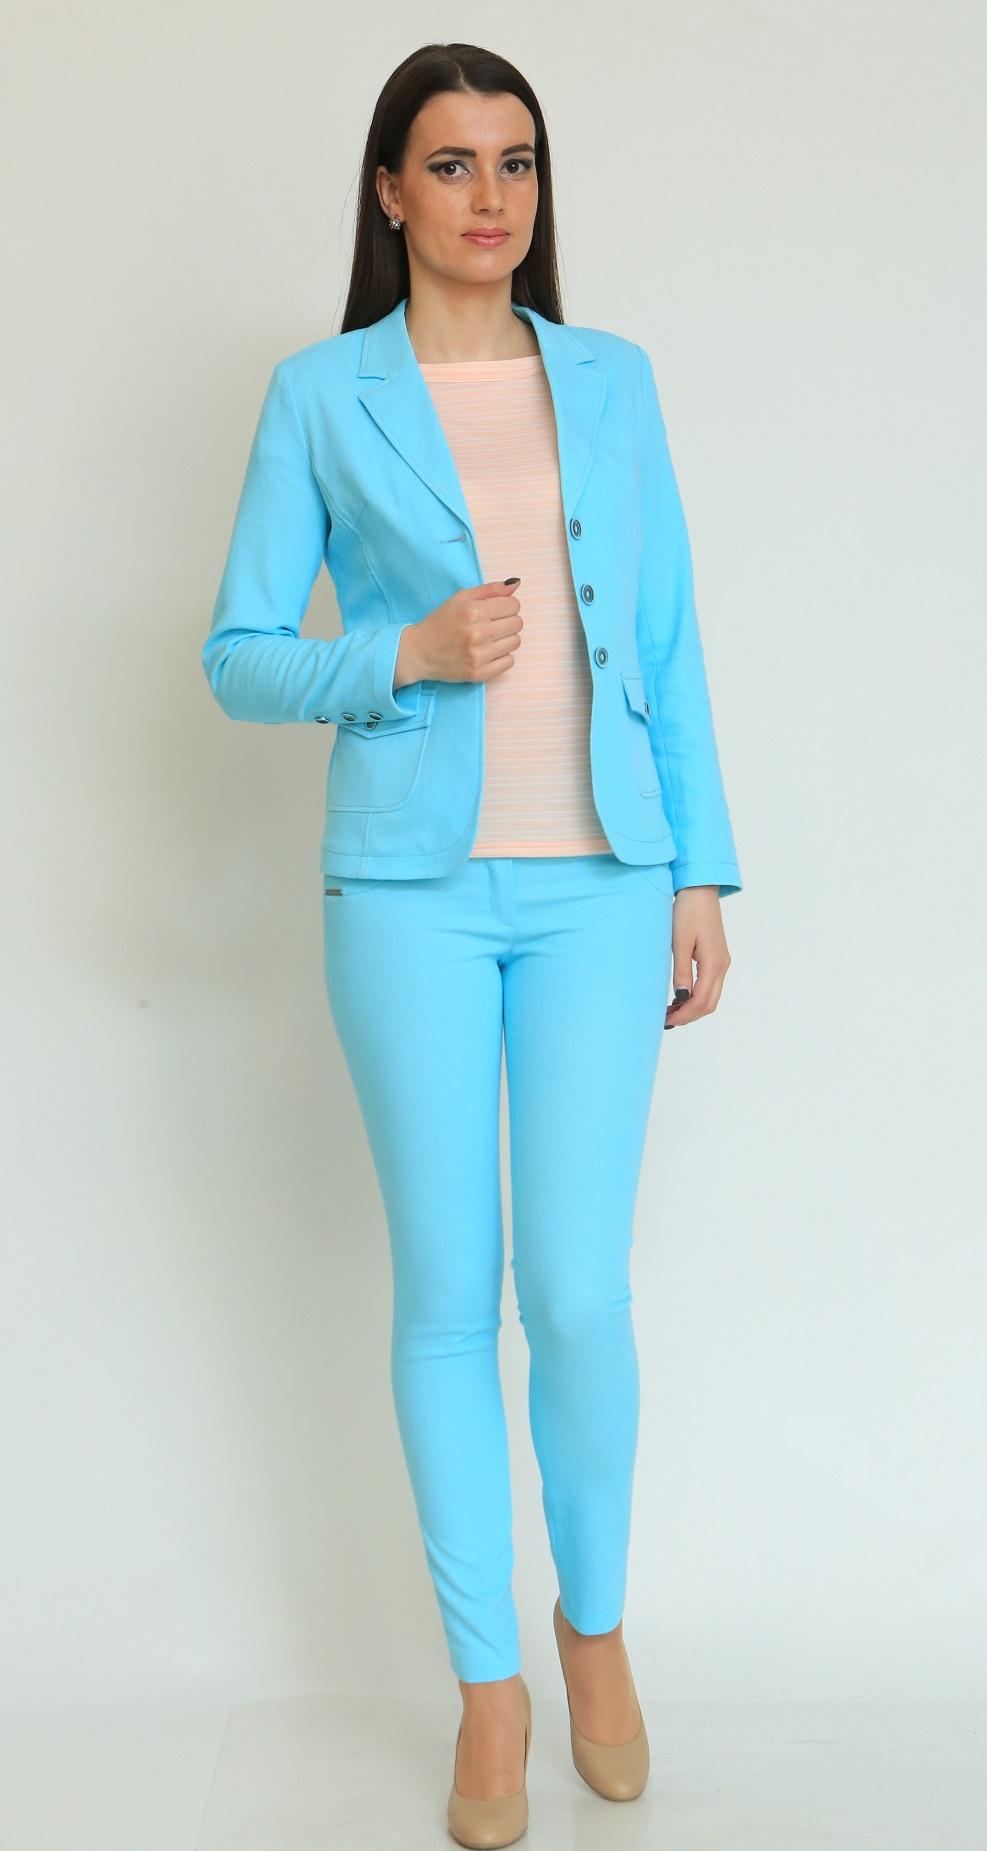 Уникма Интернет Магазин Женской Одежды Доставка